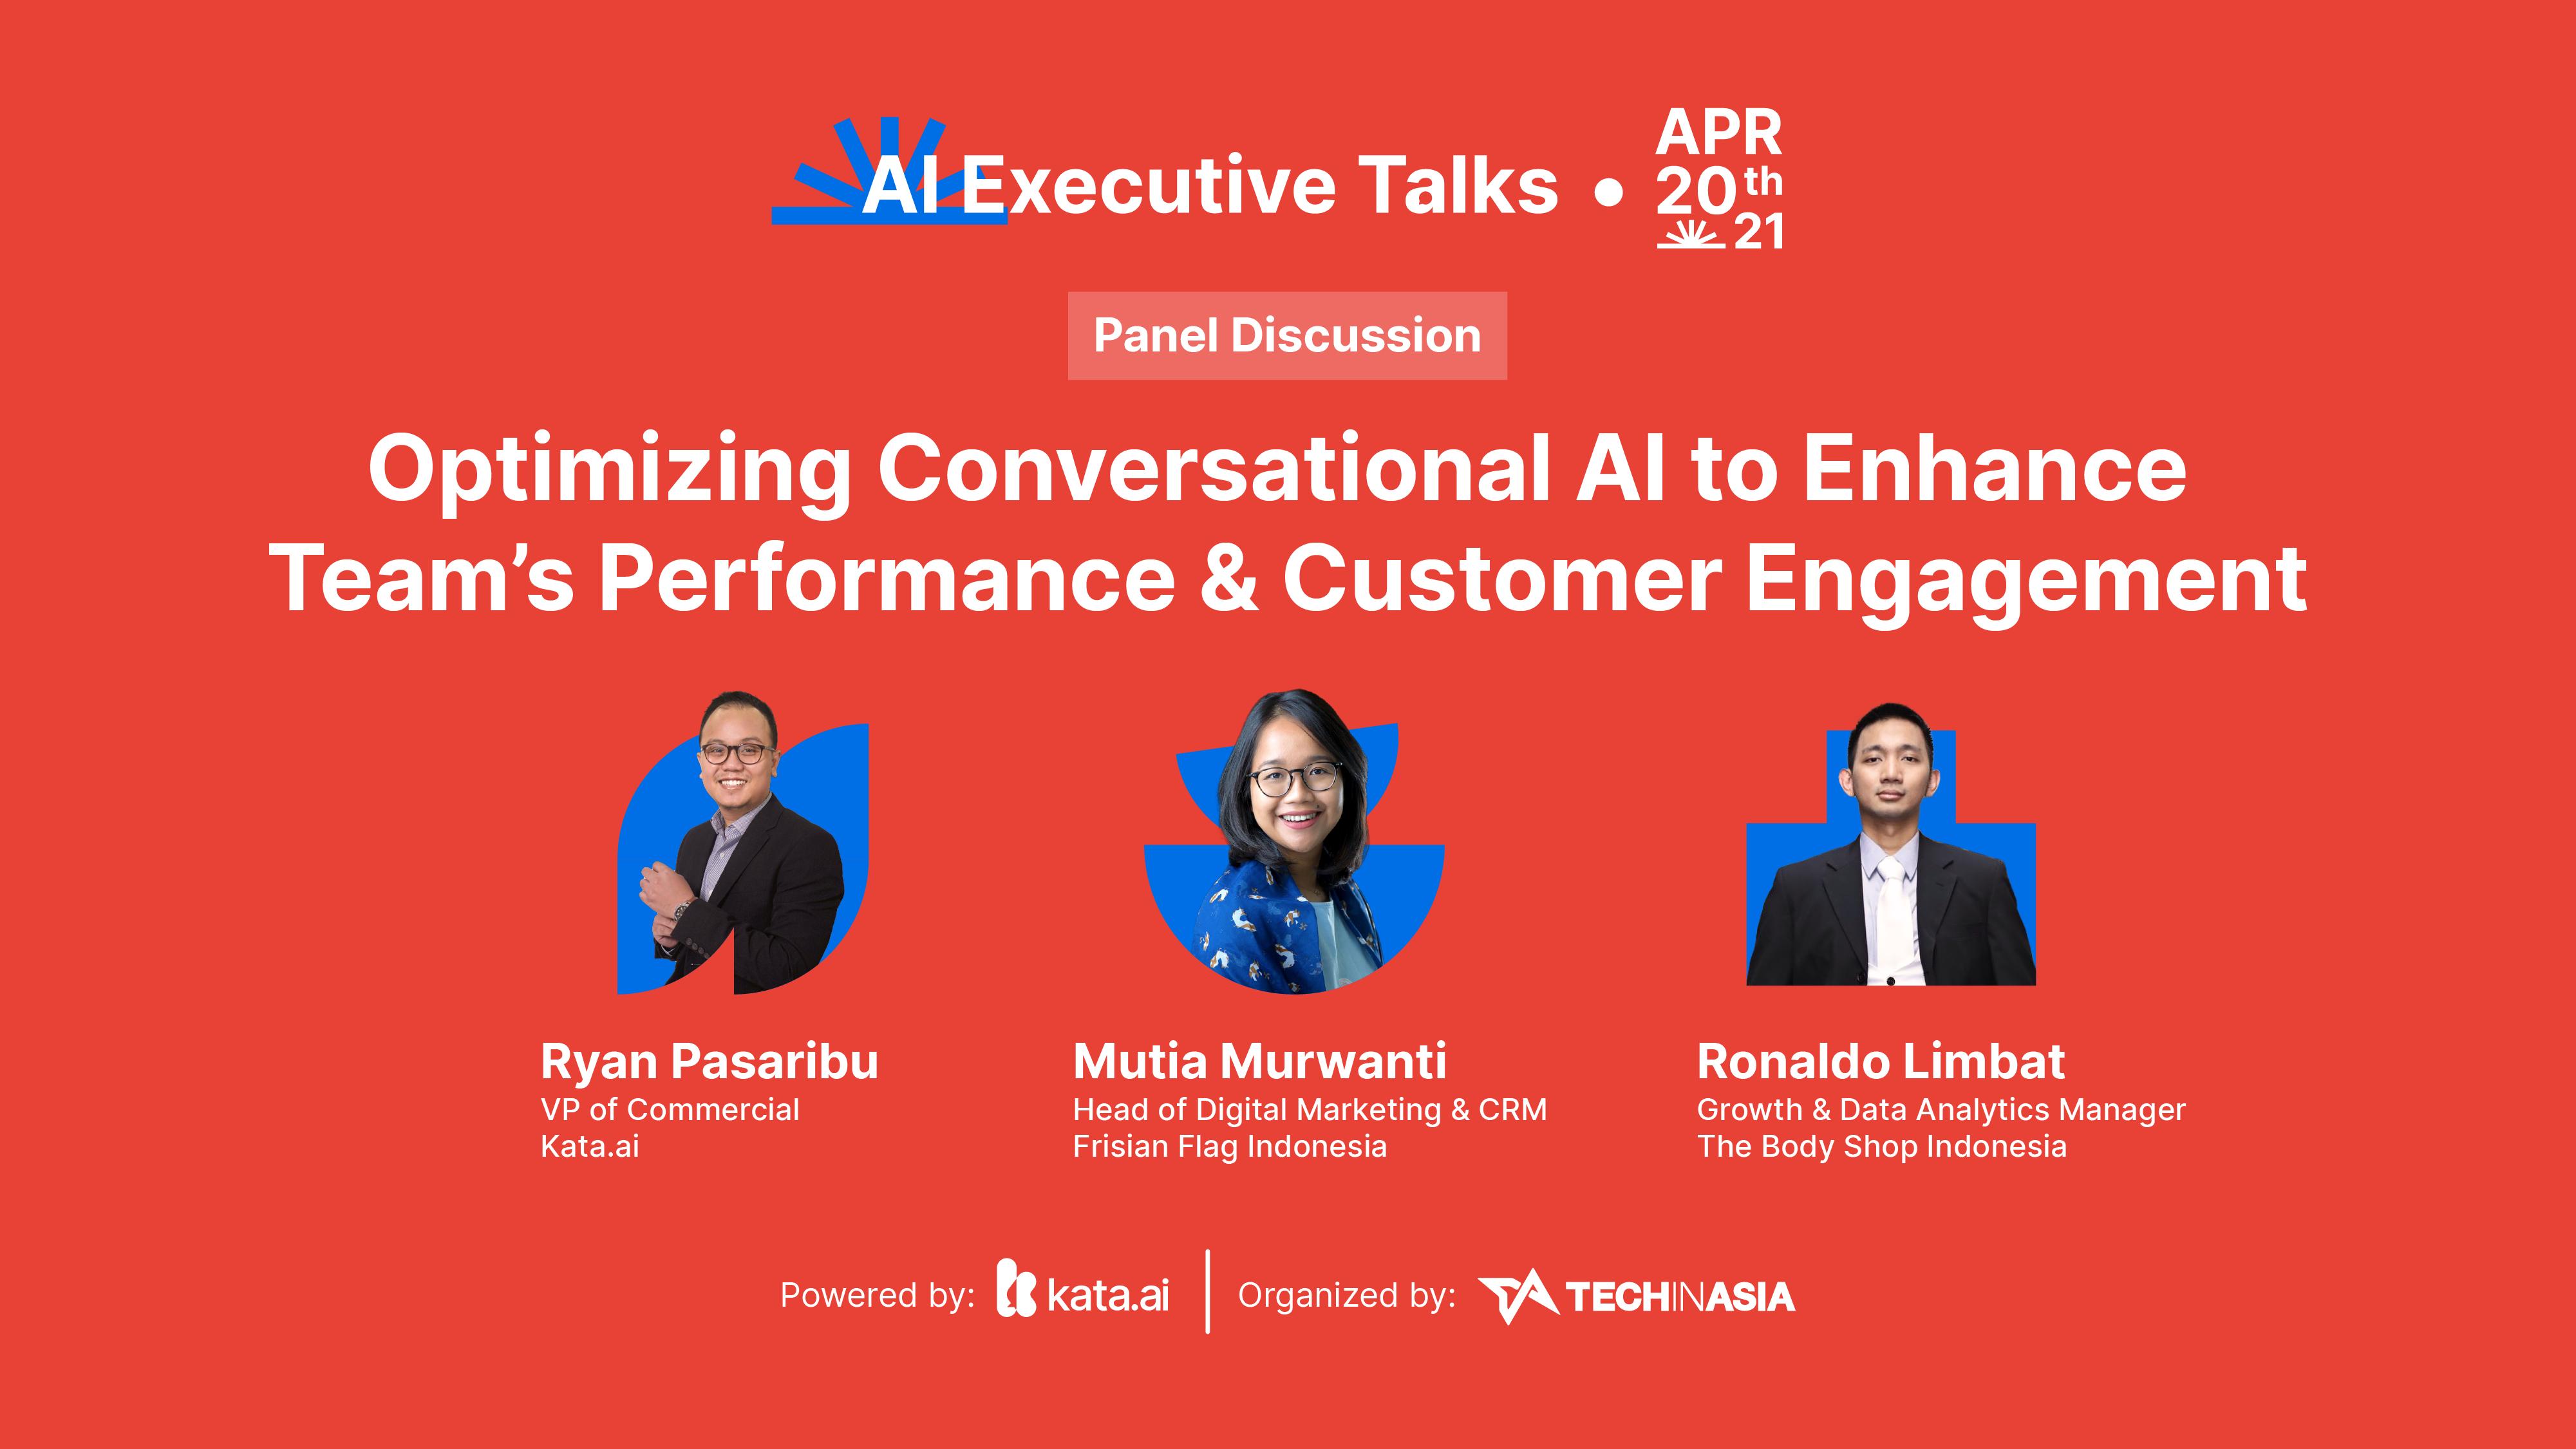 AI Executive Talks Panel Discussion 2